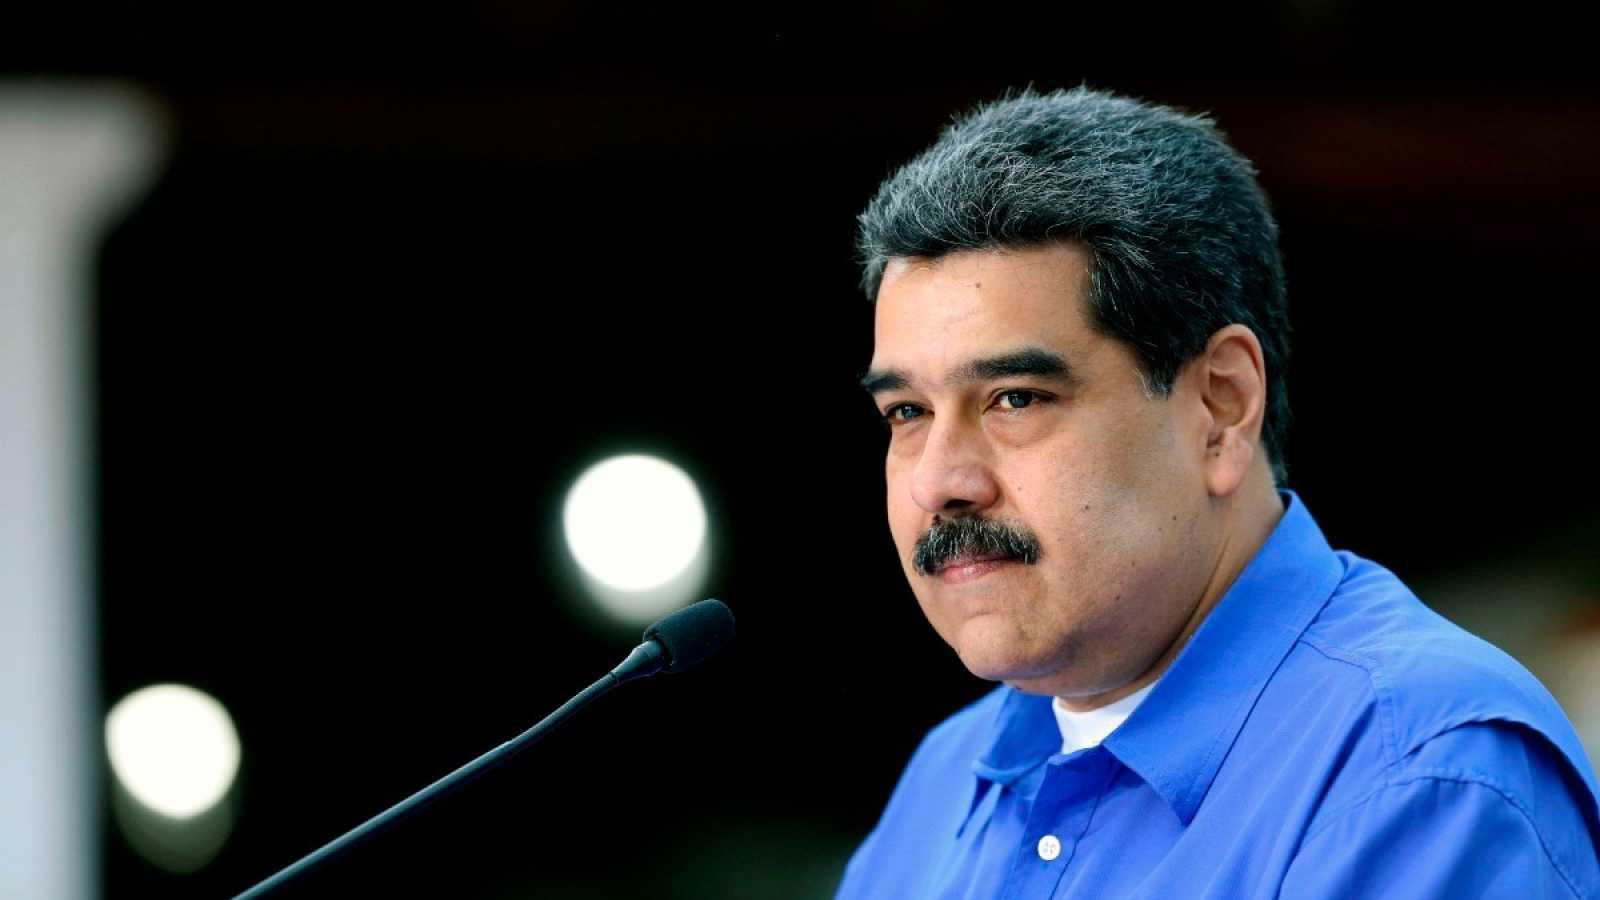 El presidente venezolano, Nicolás Maduro, durante un discurso televisado desde el Palacio Miraflores, el 22 de junio.